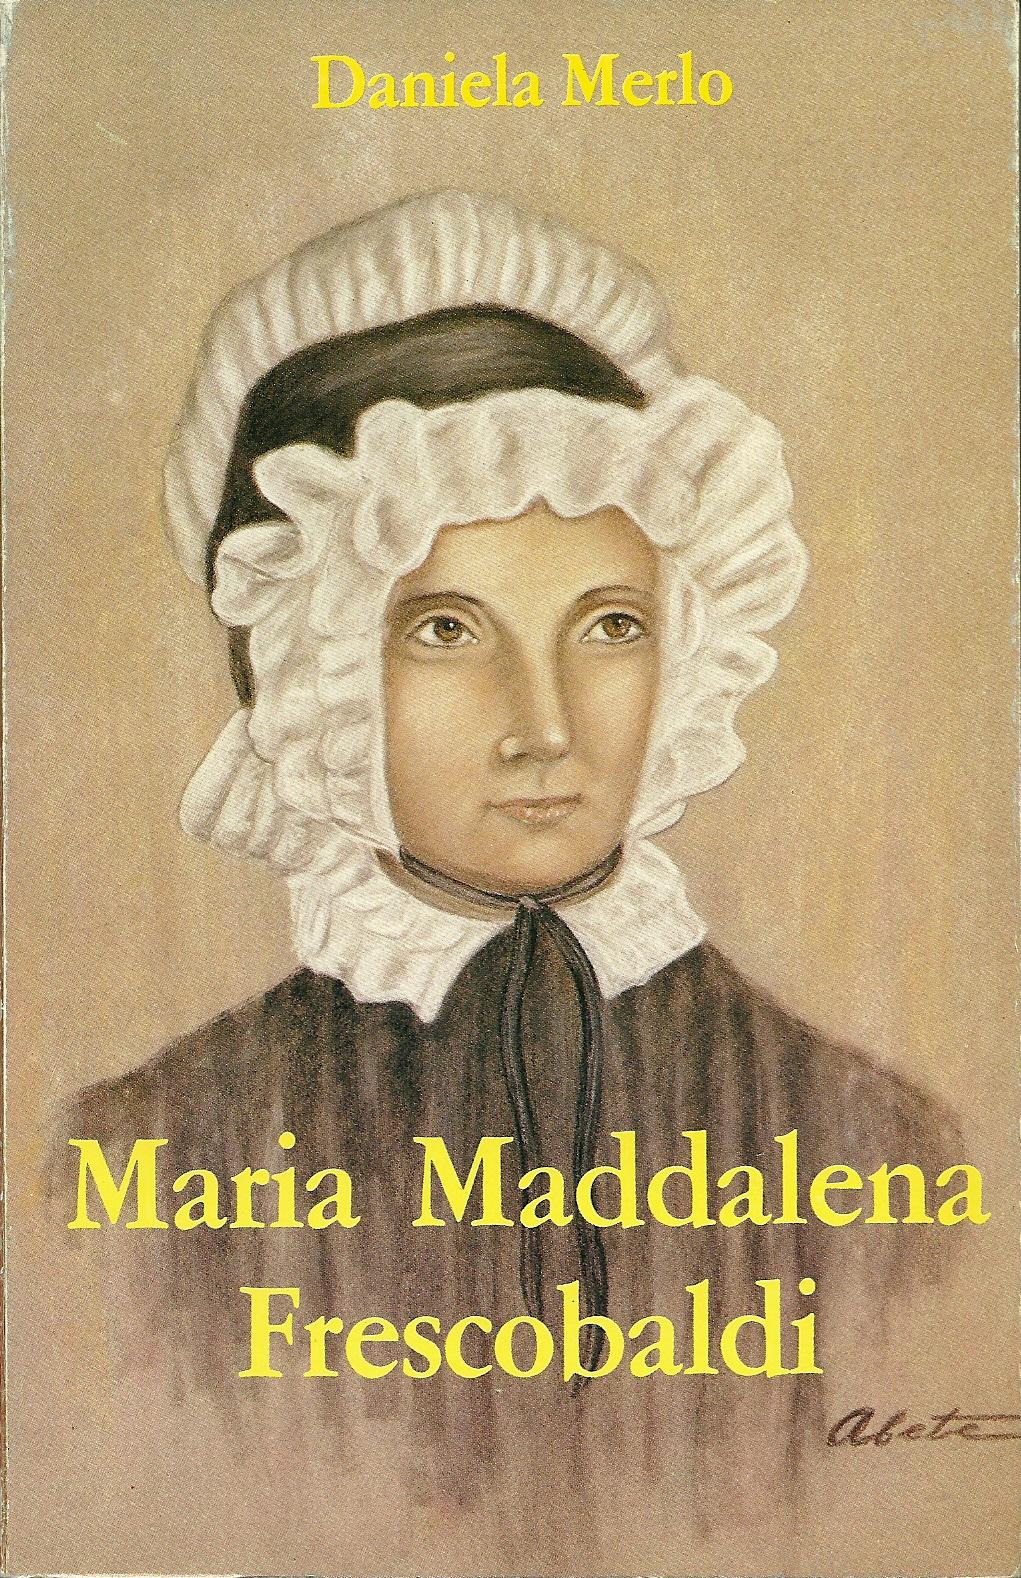 Maria Maddalena Frescobaldi fondatrice delle suore passioniste di San Paolo della Croce